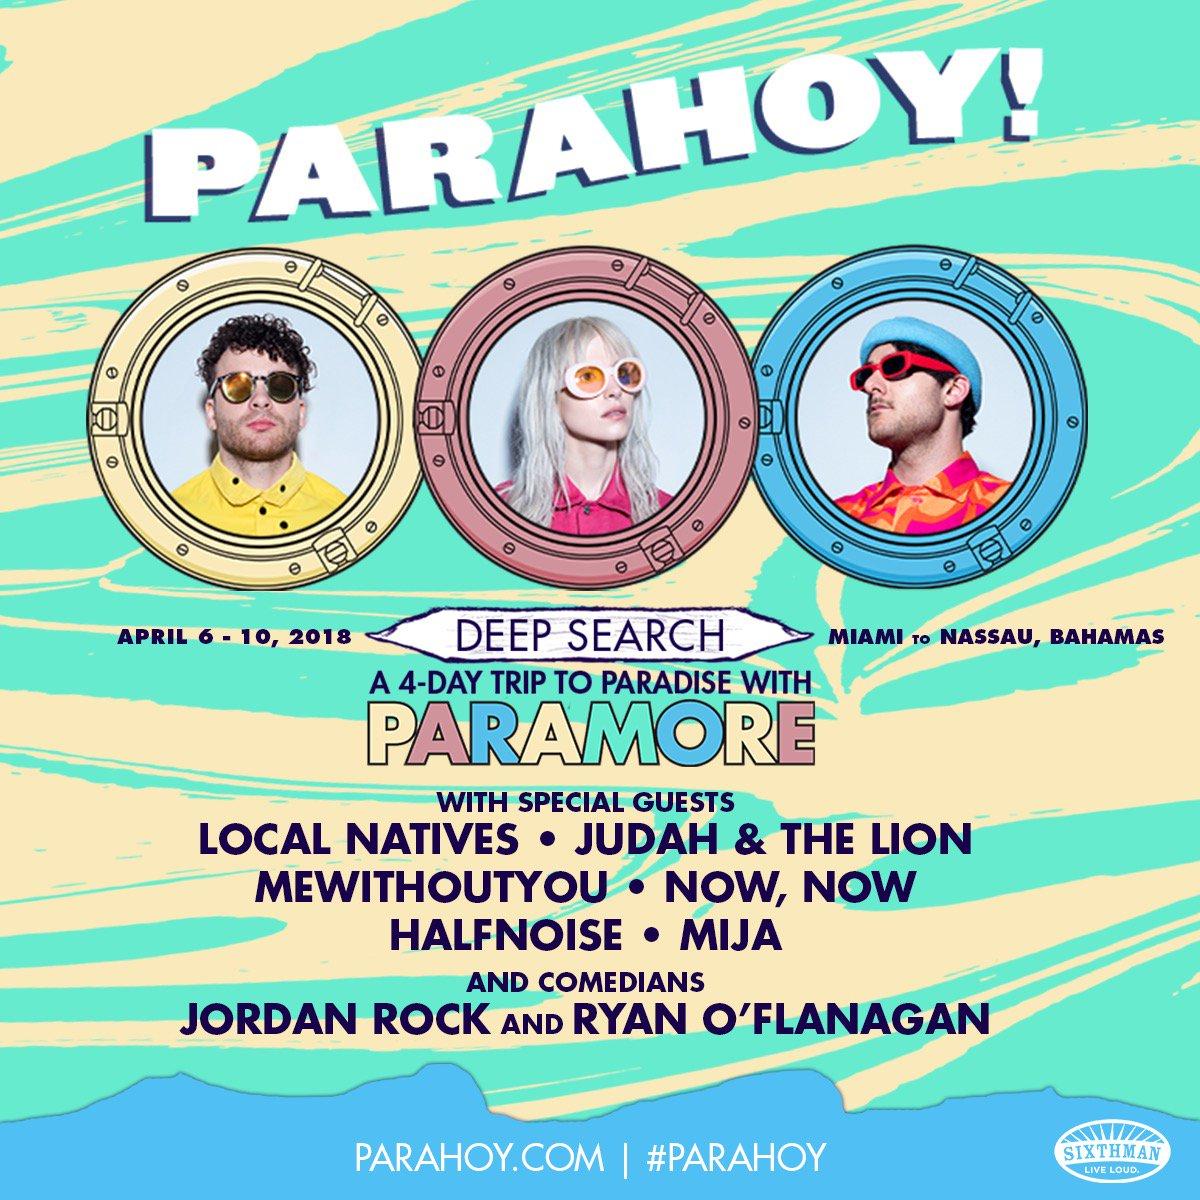 Album Paramore 2013 Blogspot Sign - freedomsuper